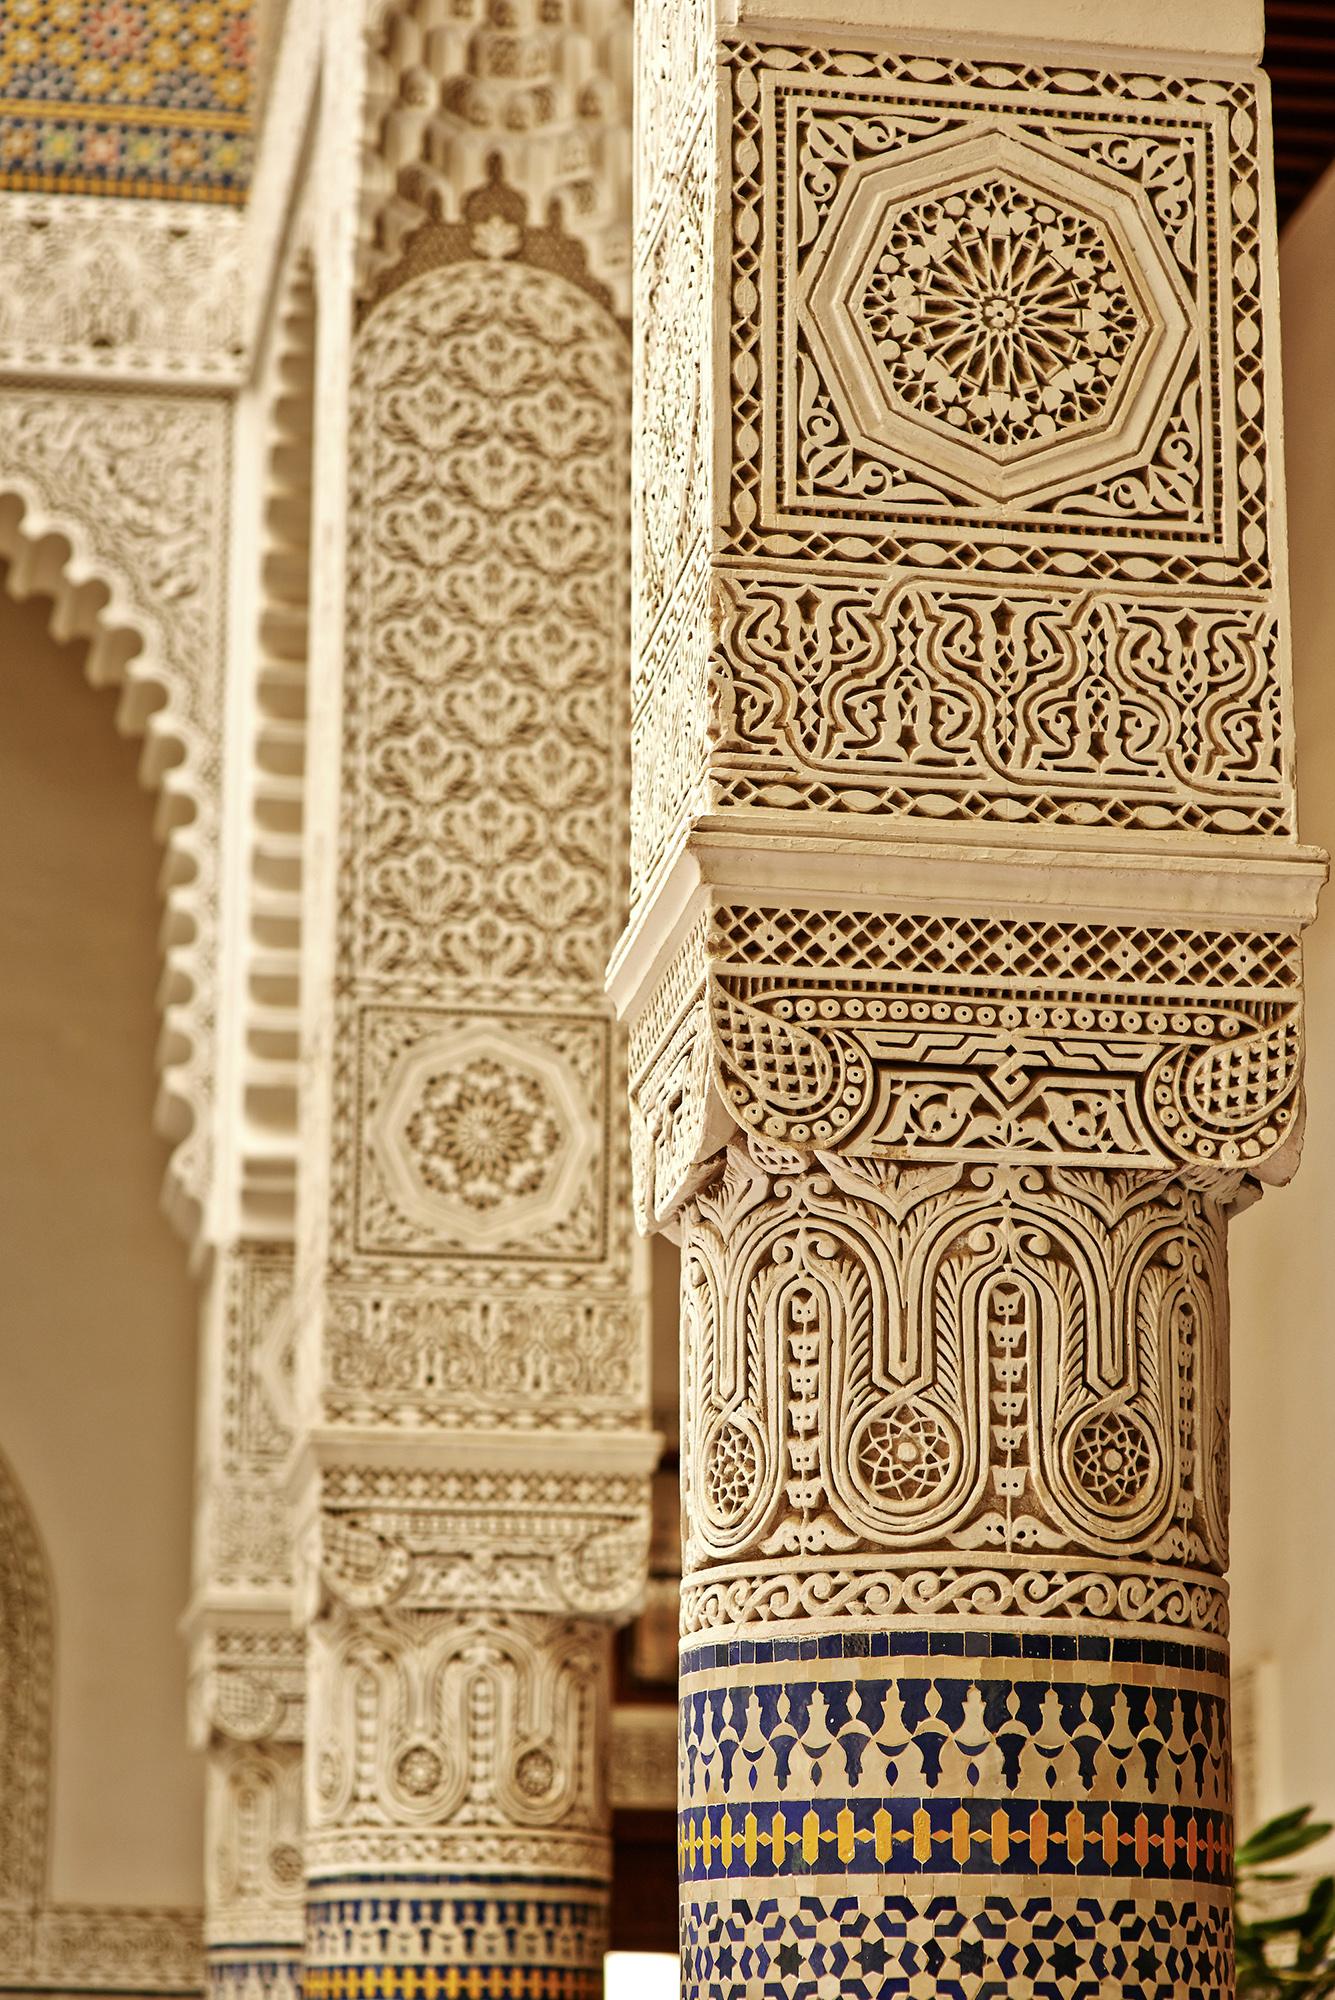 Maroc, Fes, Riad Fes Relais et Chateaux, Architecture